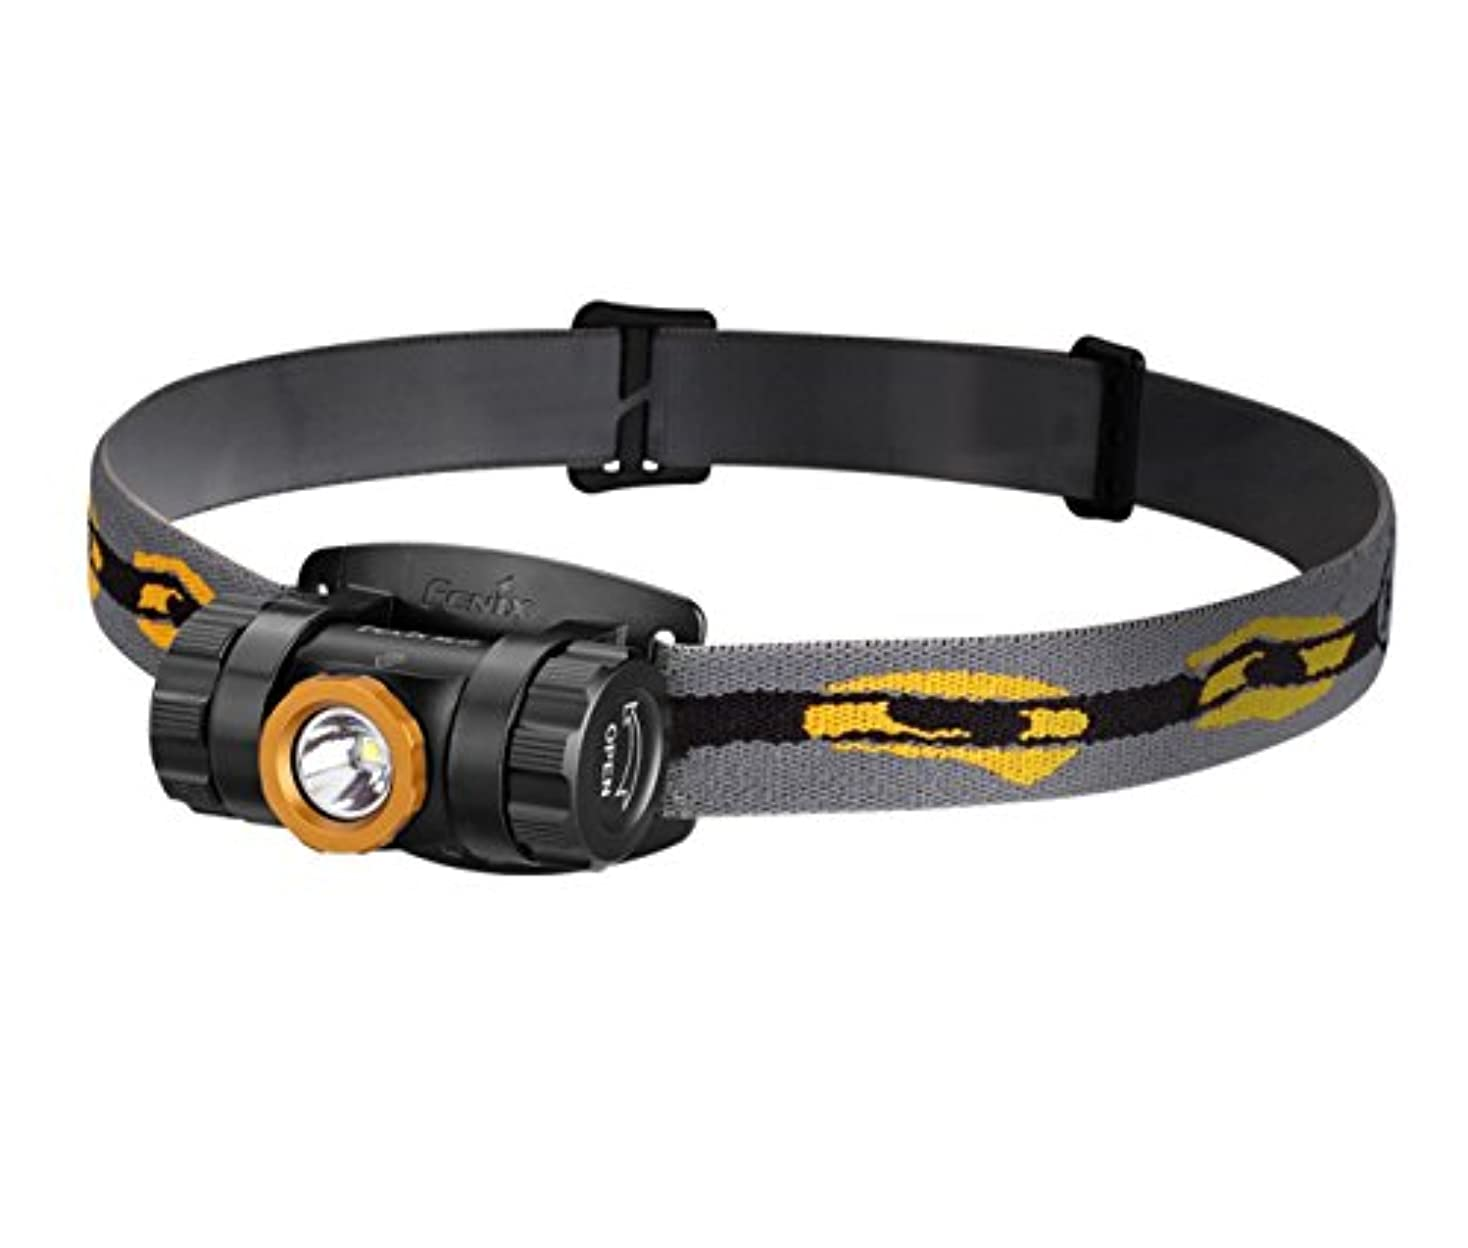 下るとげケープFENIX(フェニックス) HL25 Cree XP-G2 R5 LED ヘッドライト 明るさ最高150ルーメン